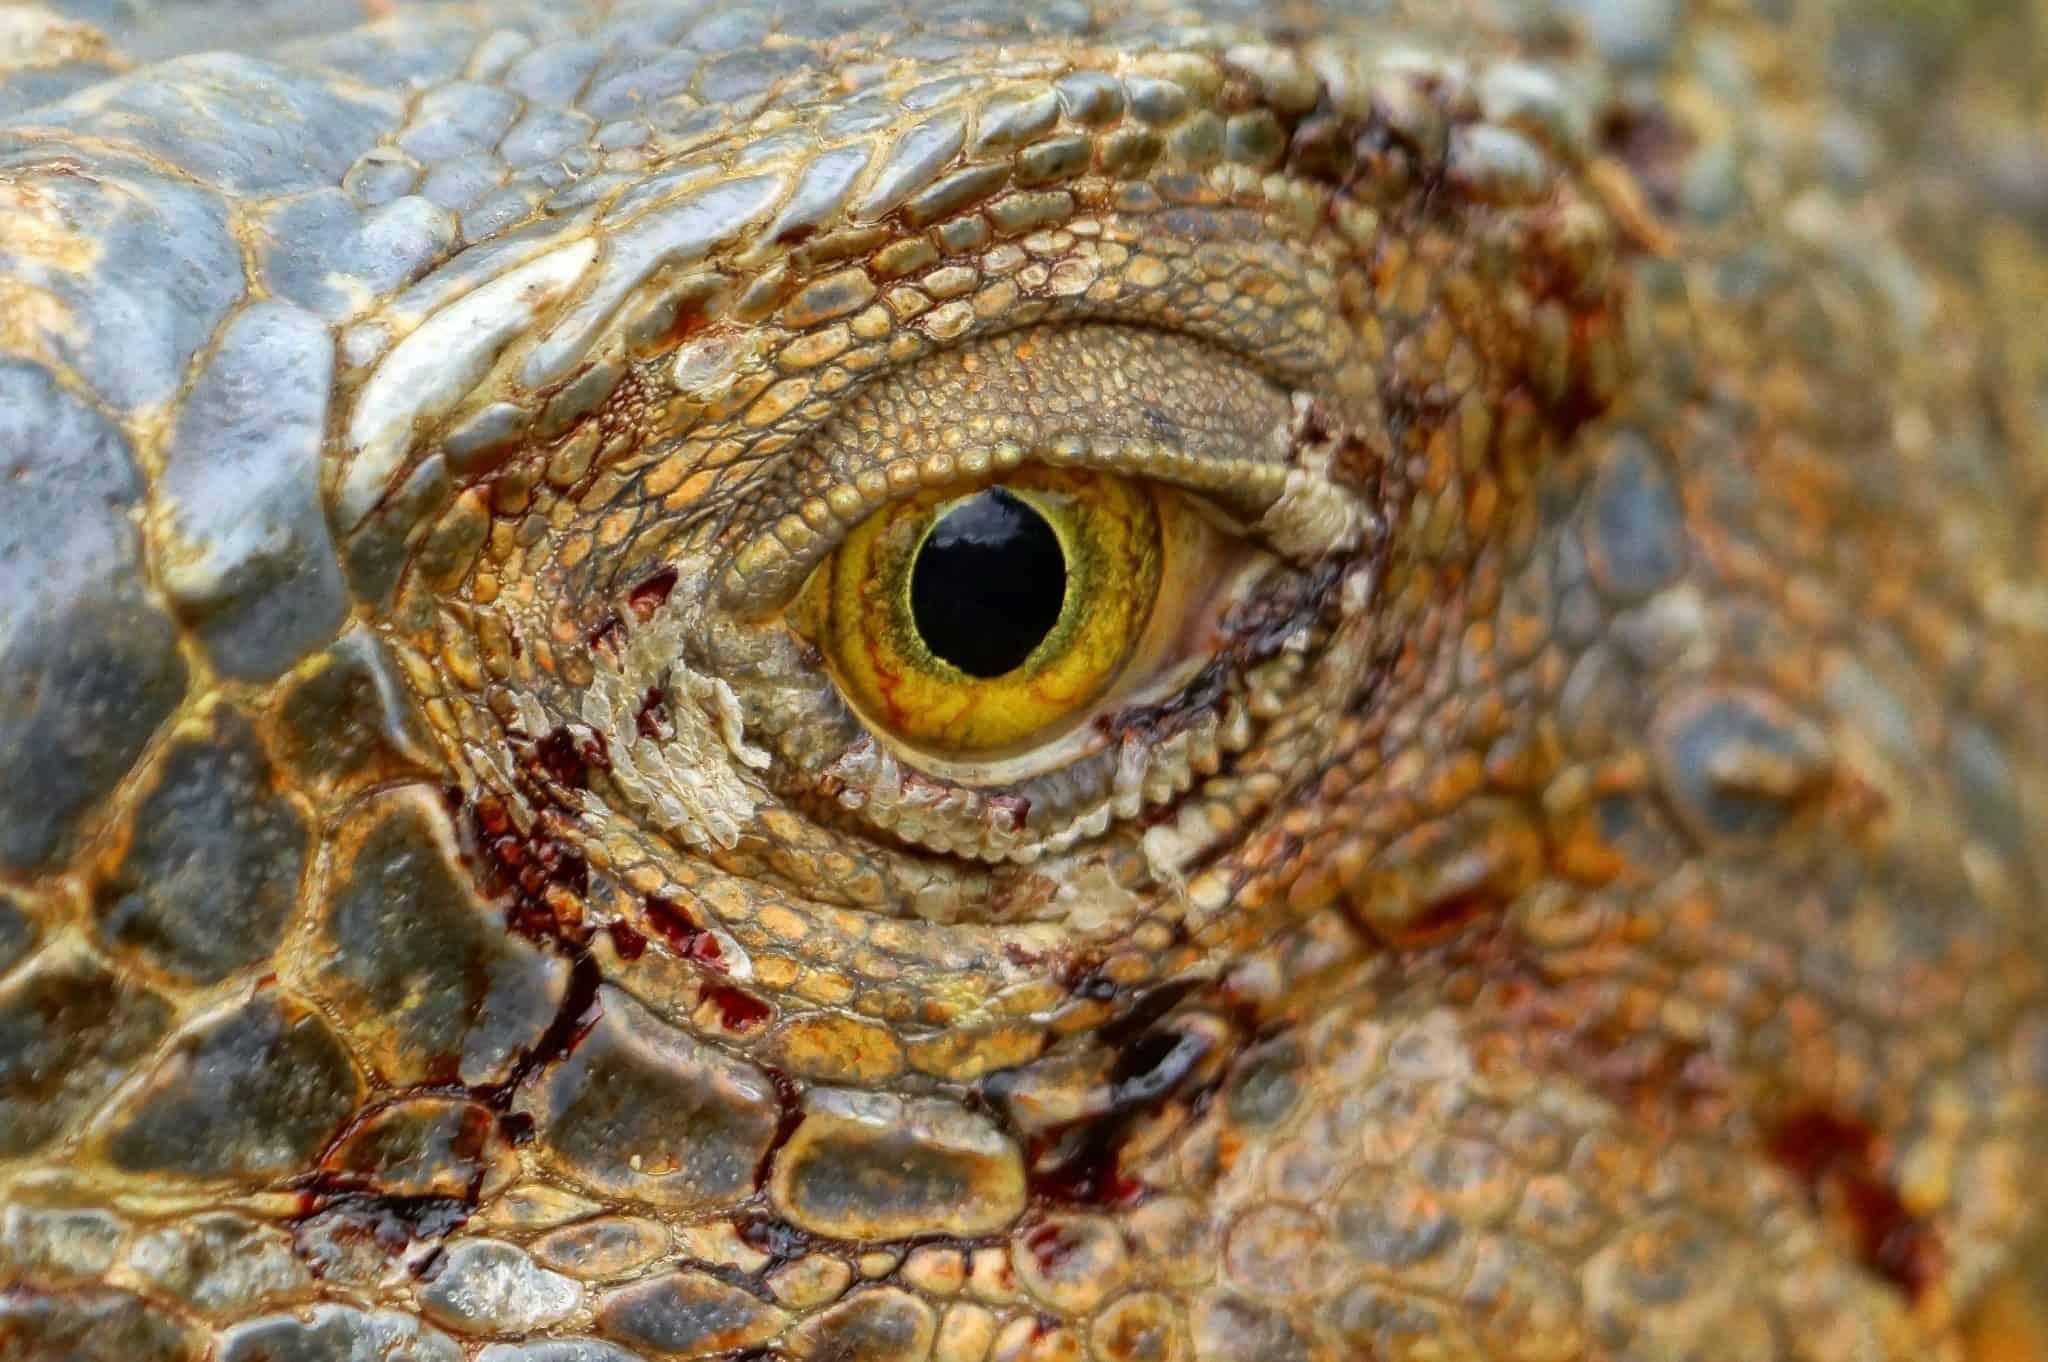 Oog met bloed van een leguaan - Fotoreis Costa Rica